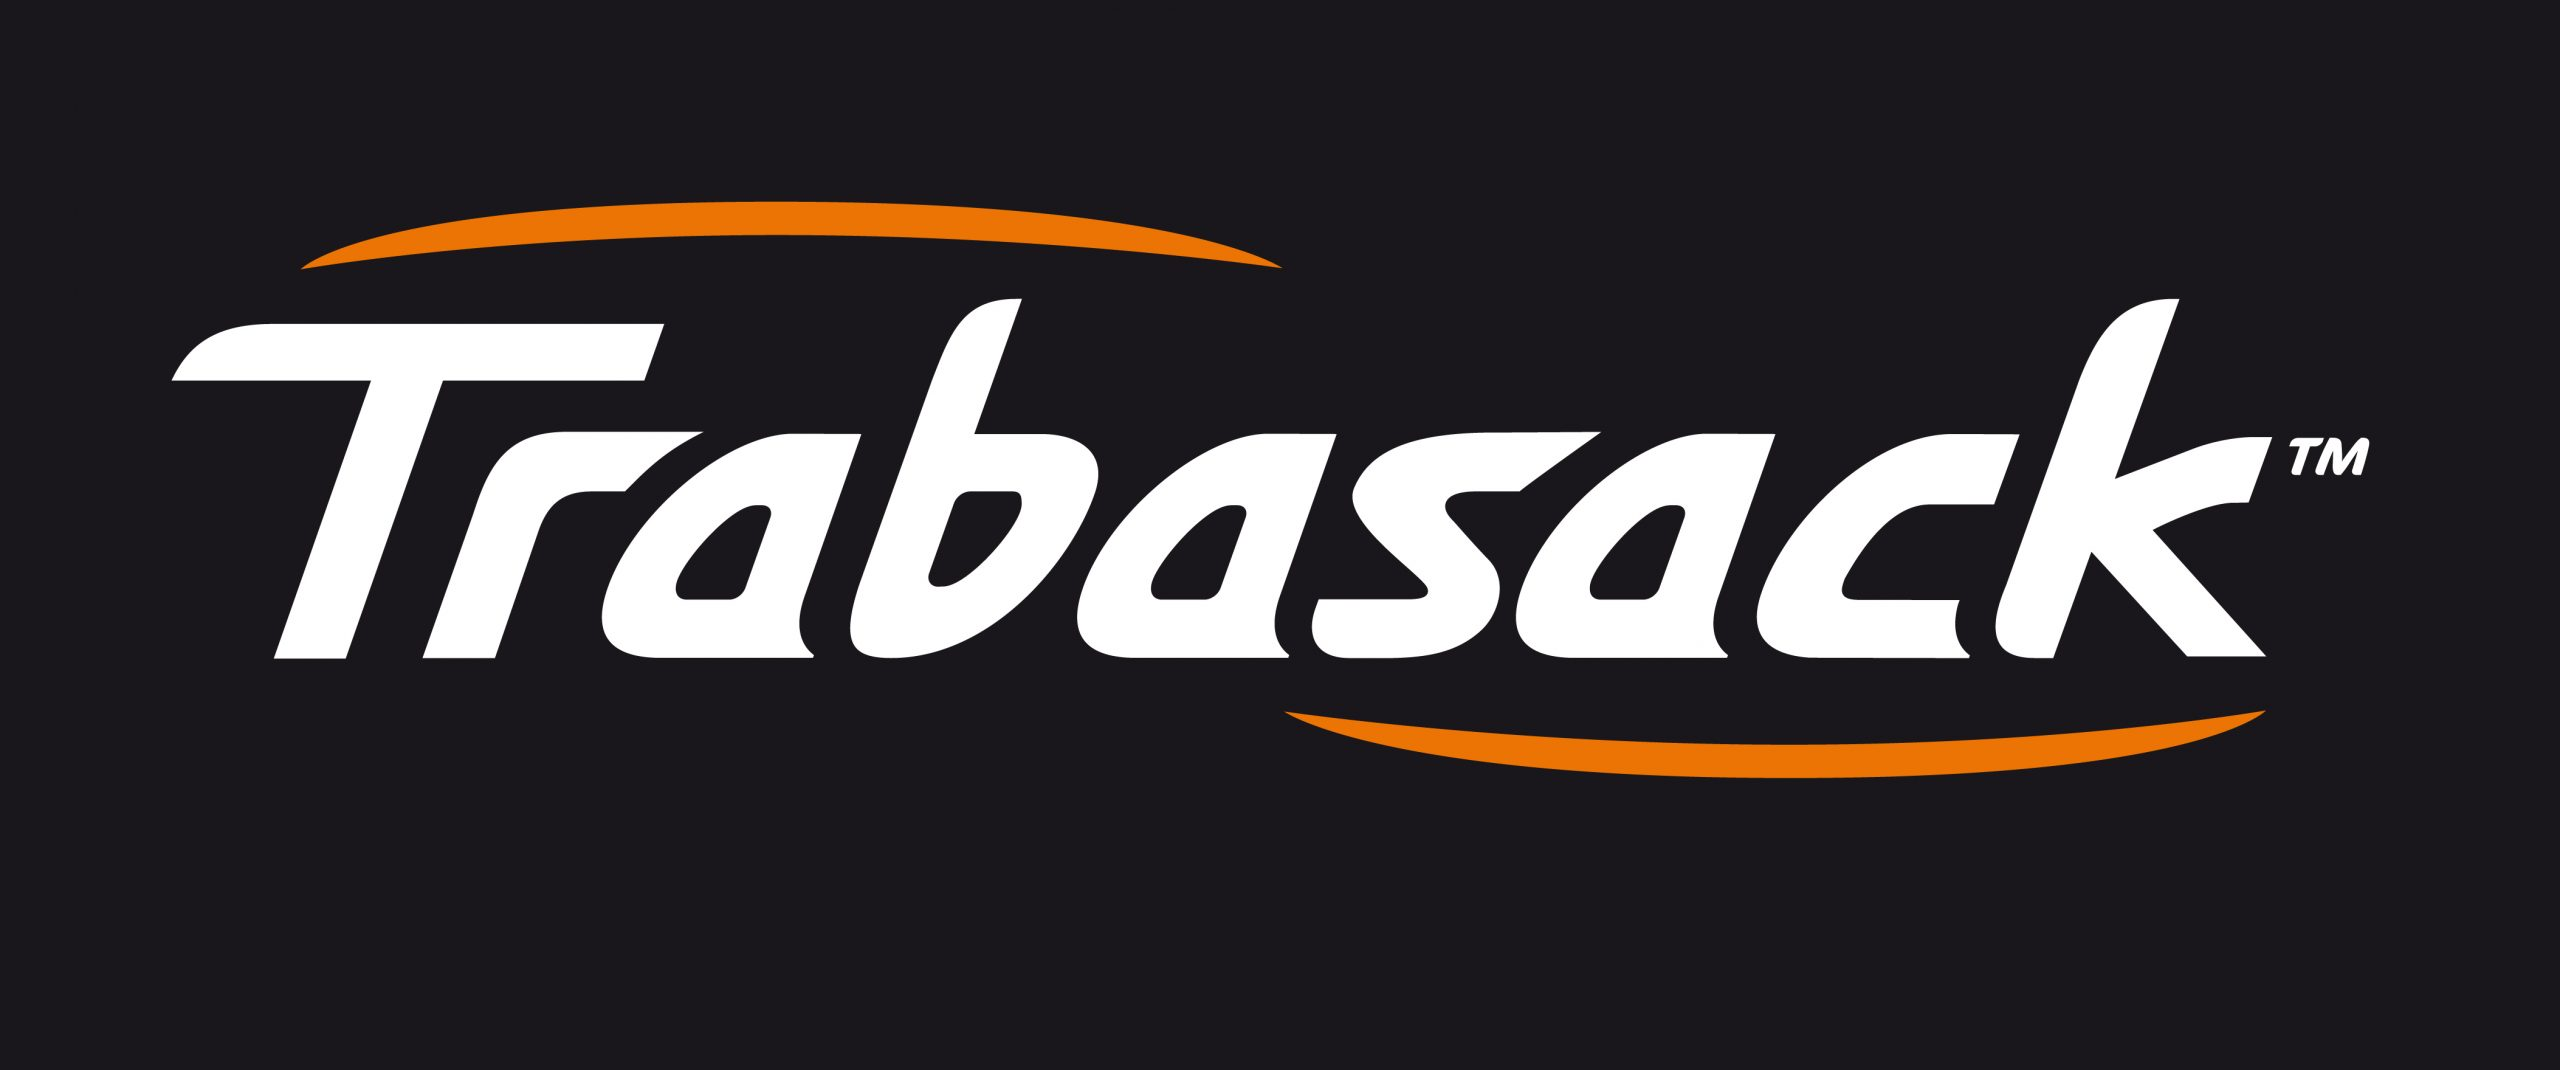 Trabasack